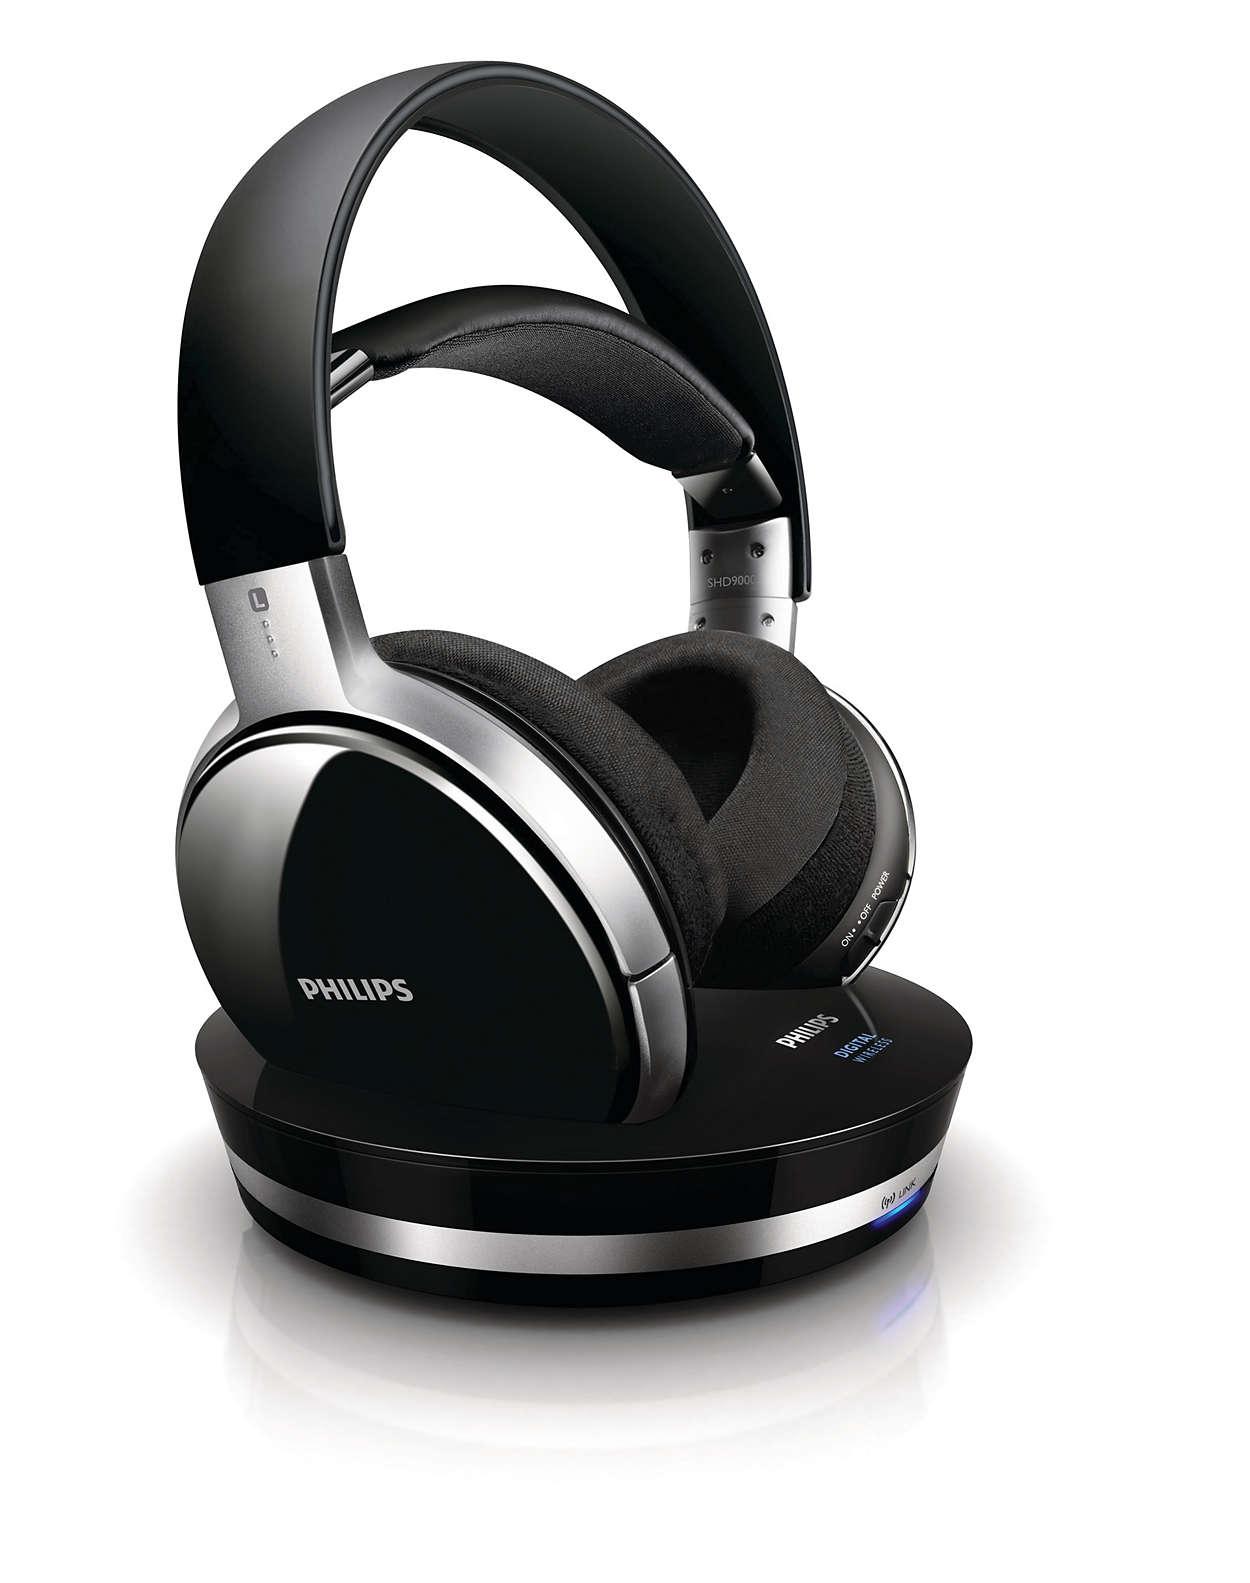 Verdadera calidad de sonido CD con tecnología inalámbrica digital